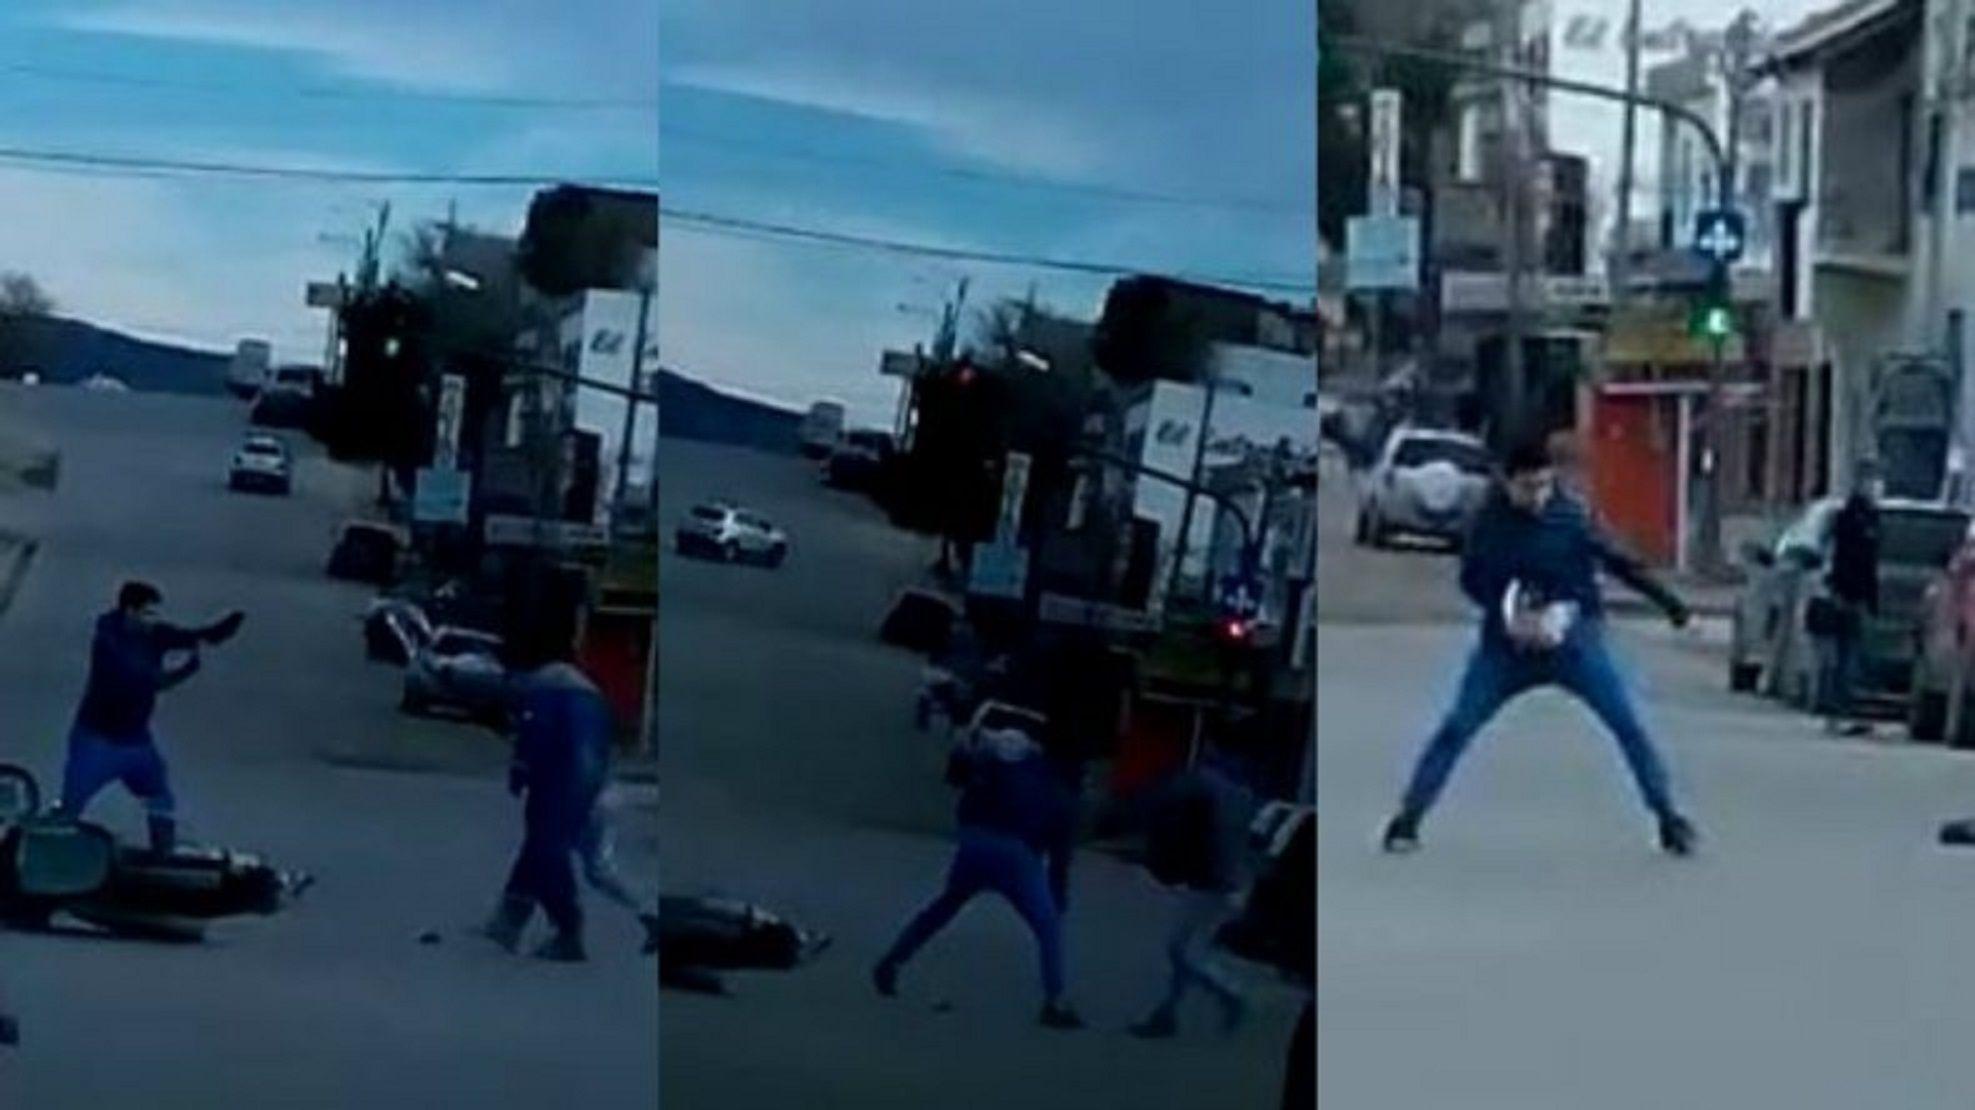 Le intentaron robar la moto y se defendió con el casco